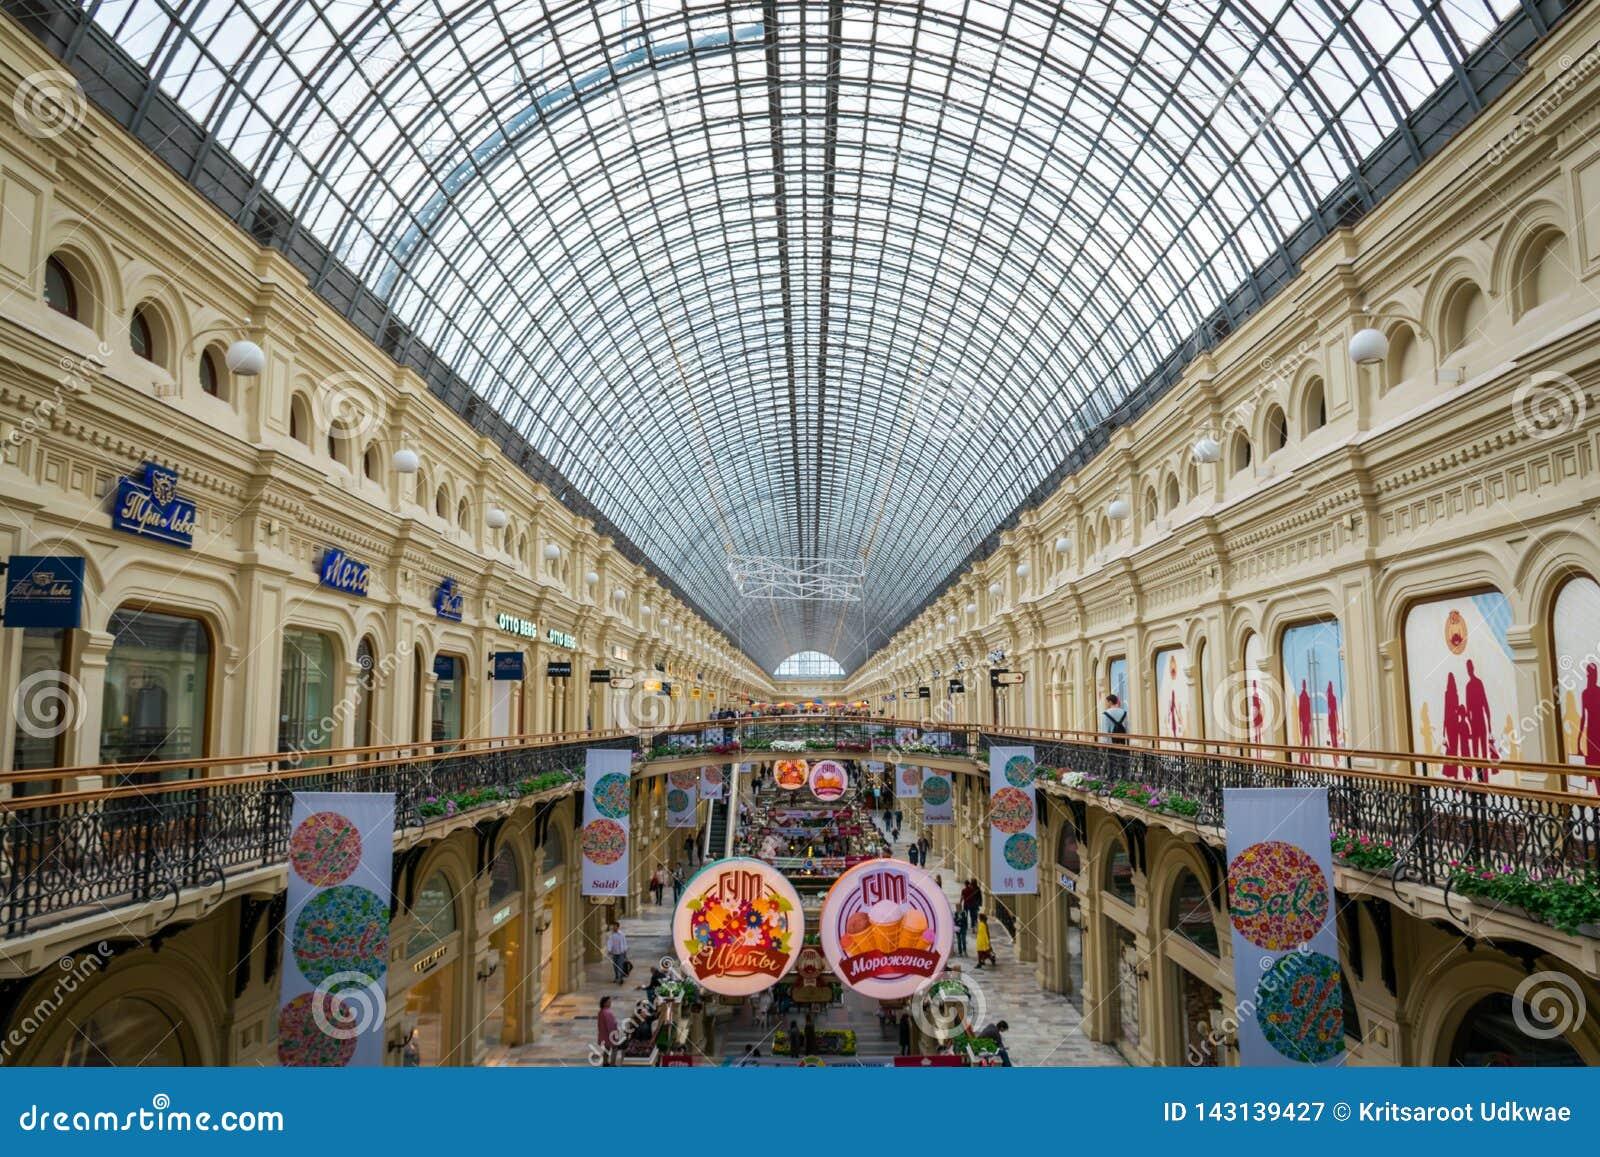 Интерьер торгового центра КАМЕДИ на красной площади в Москве, России